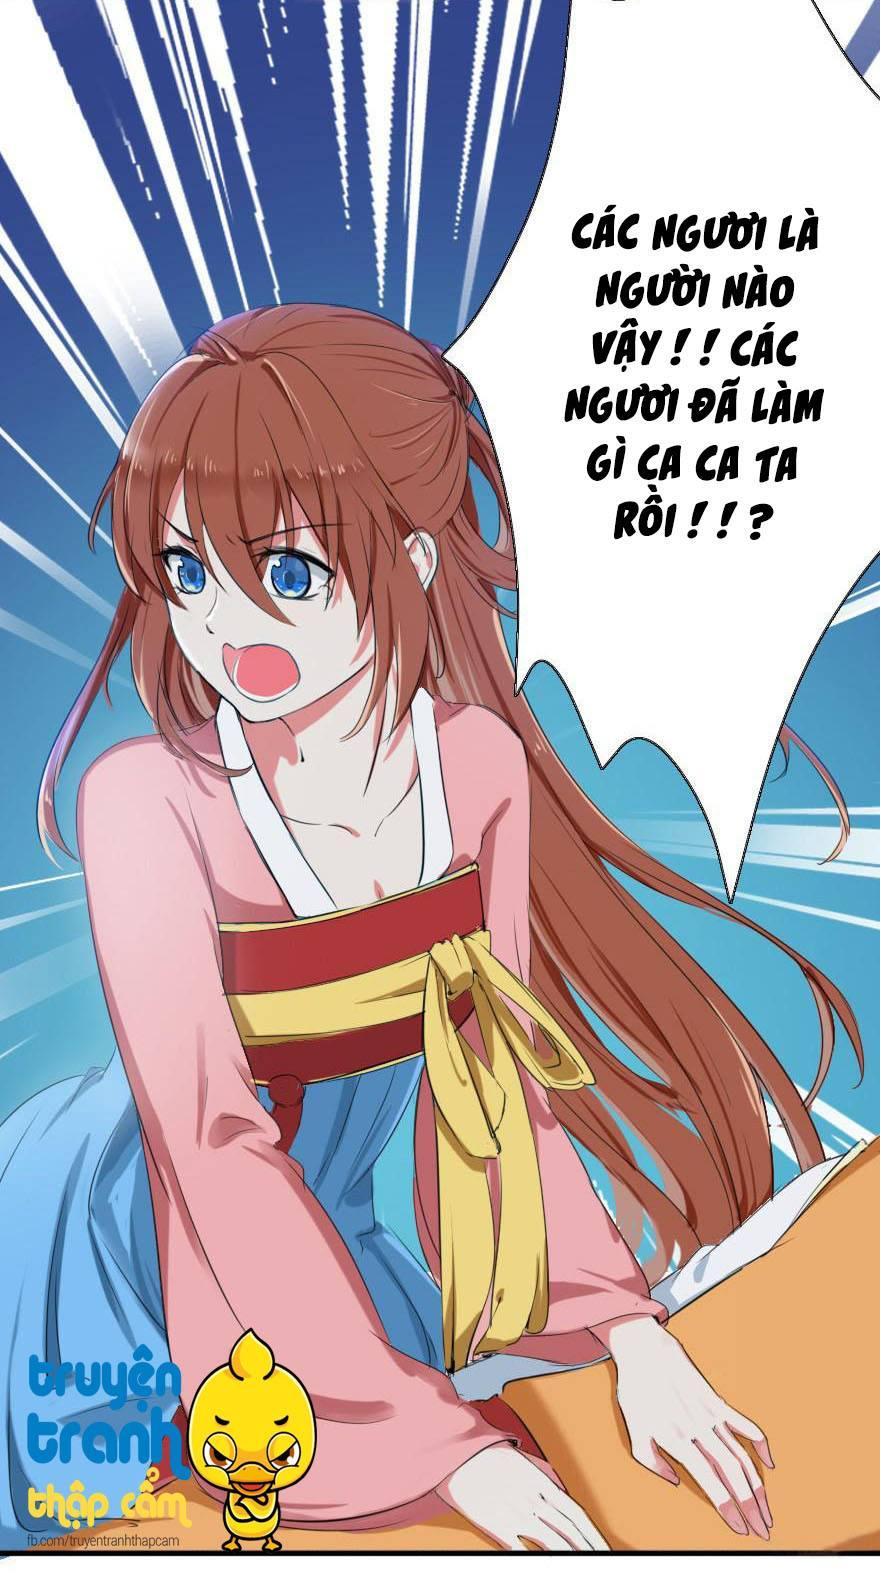 Nhật Ký Nuôi Dưỡng Công Chúa Chap 6 - Next Chap 7